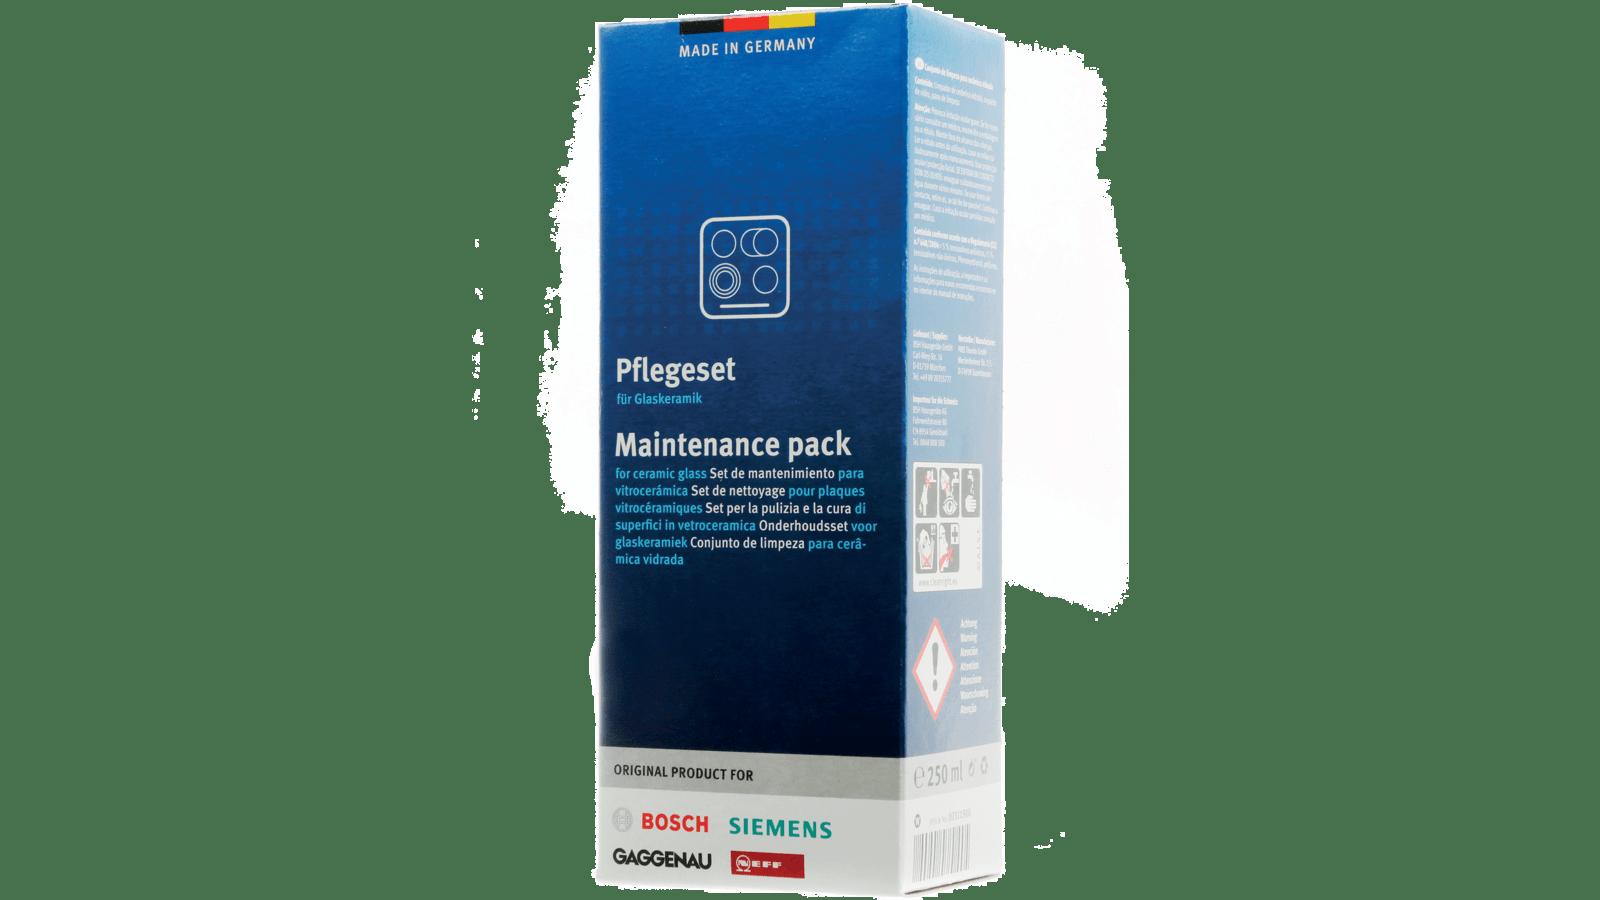 Produit Pour Nettoyer Plaque À Induction set de nettoyage pour plaques vitrocéramiques made in germany 00311900